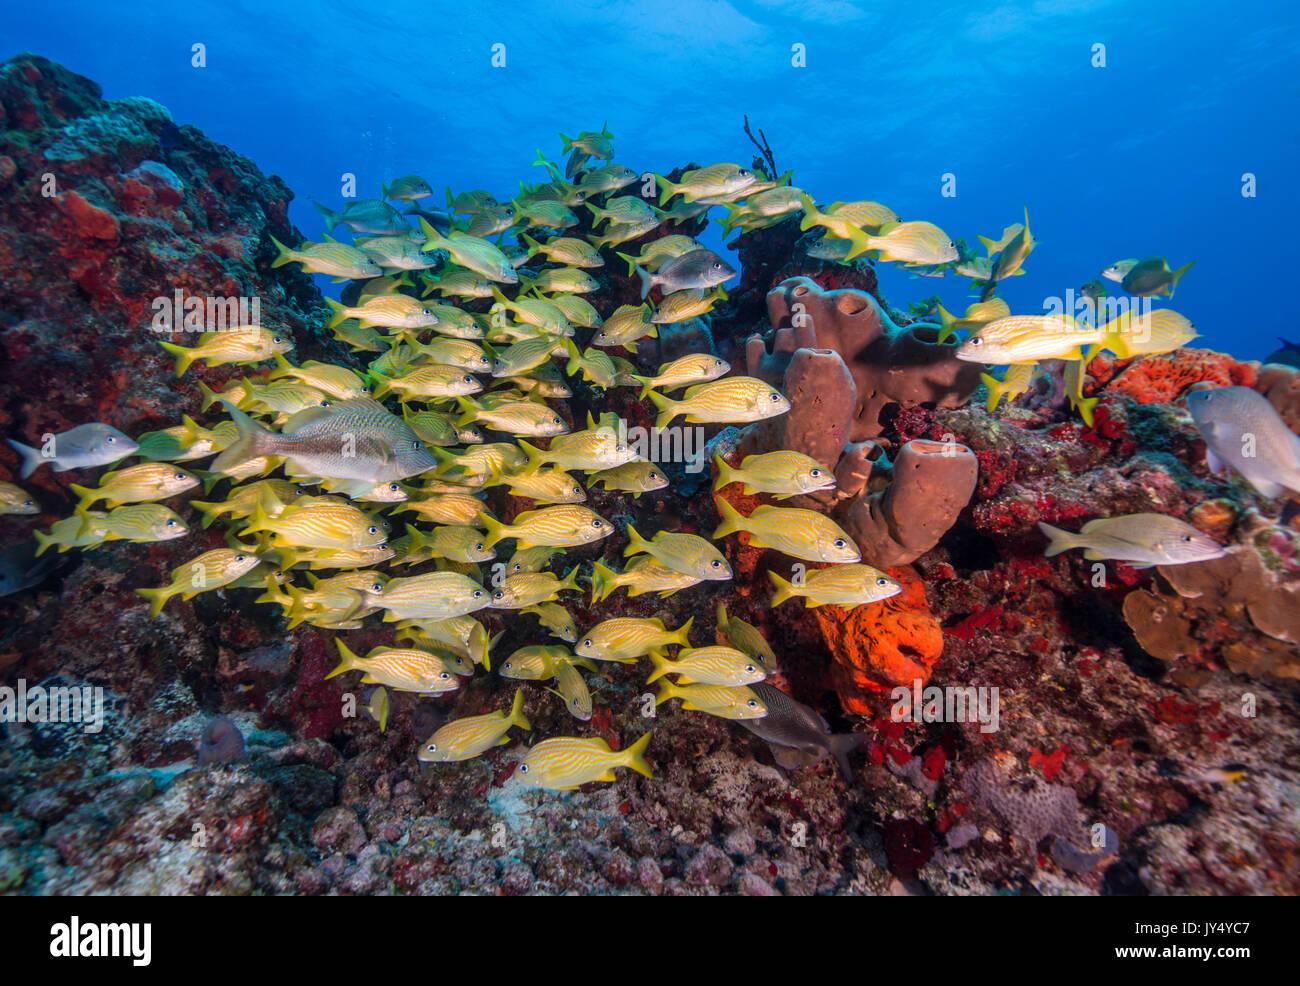 Grande école de vivaneau rayé plus de natation, les récifs coralliens de la réserve marine de Cabo Pulmo, au Mexique. Photo Stock